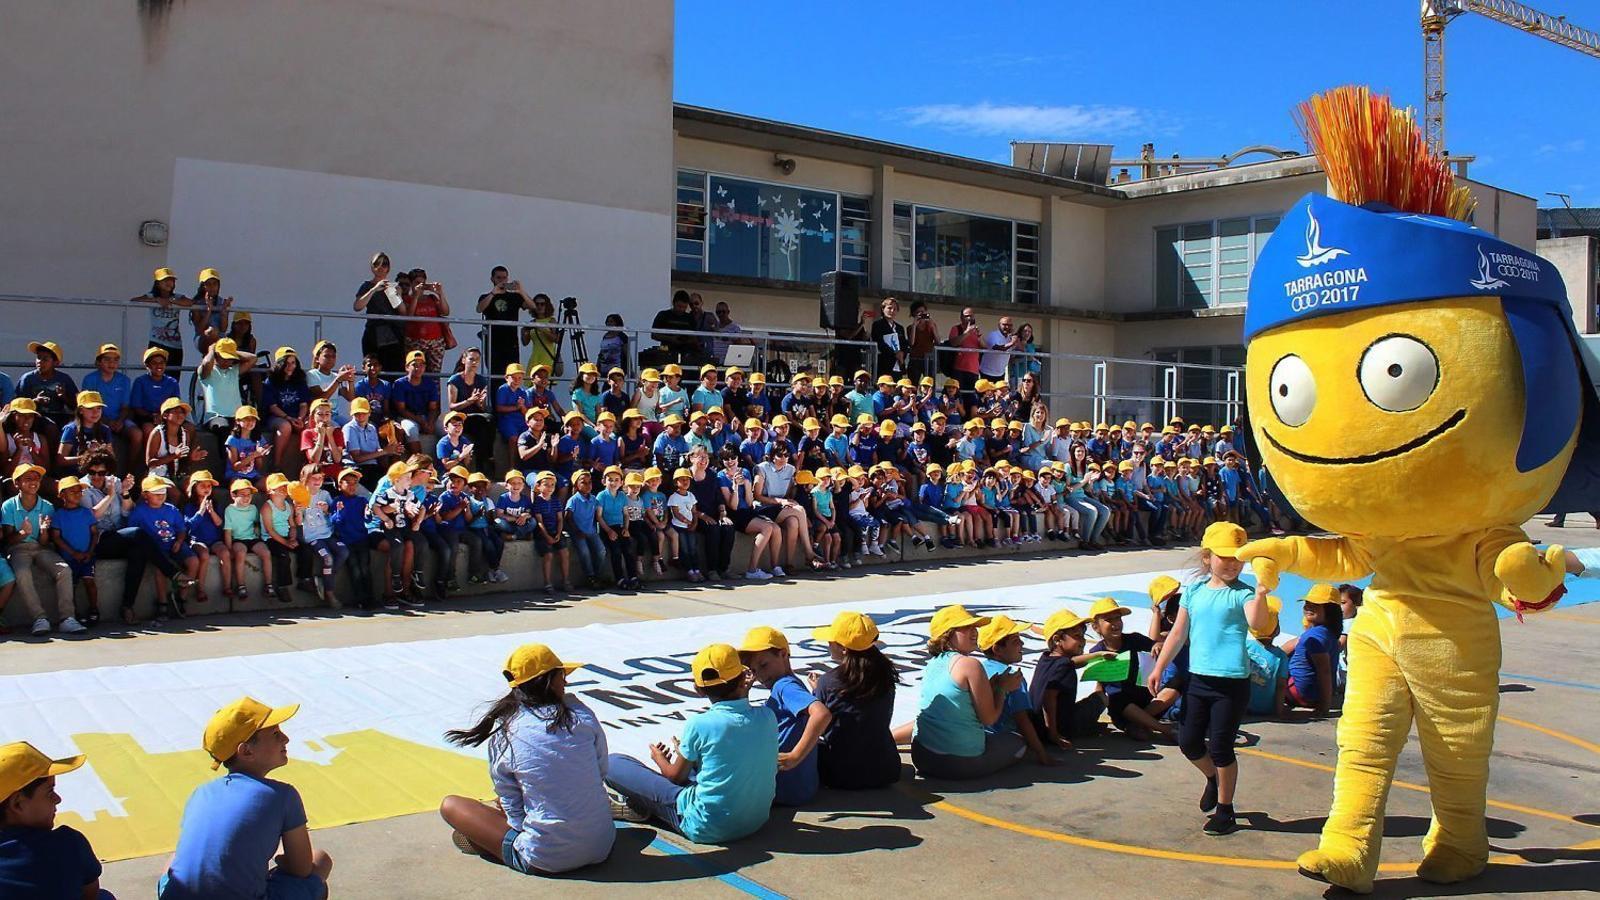 Un moment  de la visita  del Tarracvs  a l'Escola Saavedra.